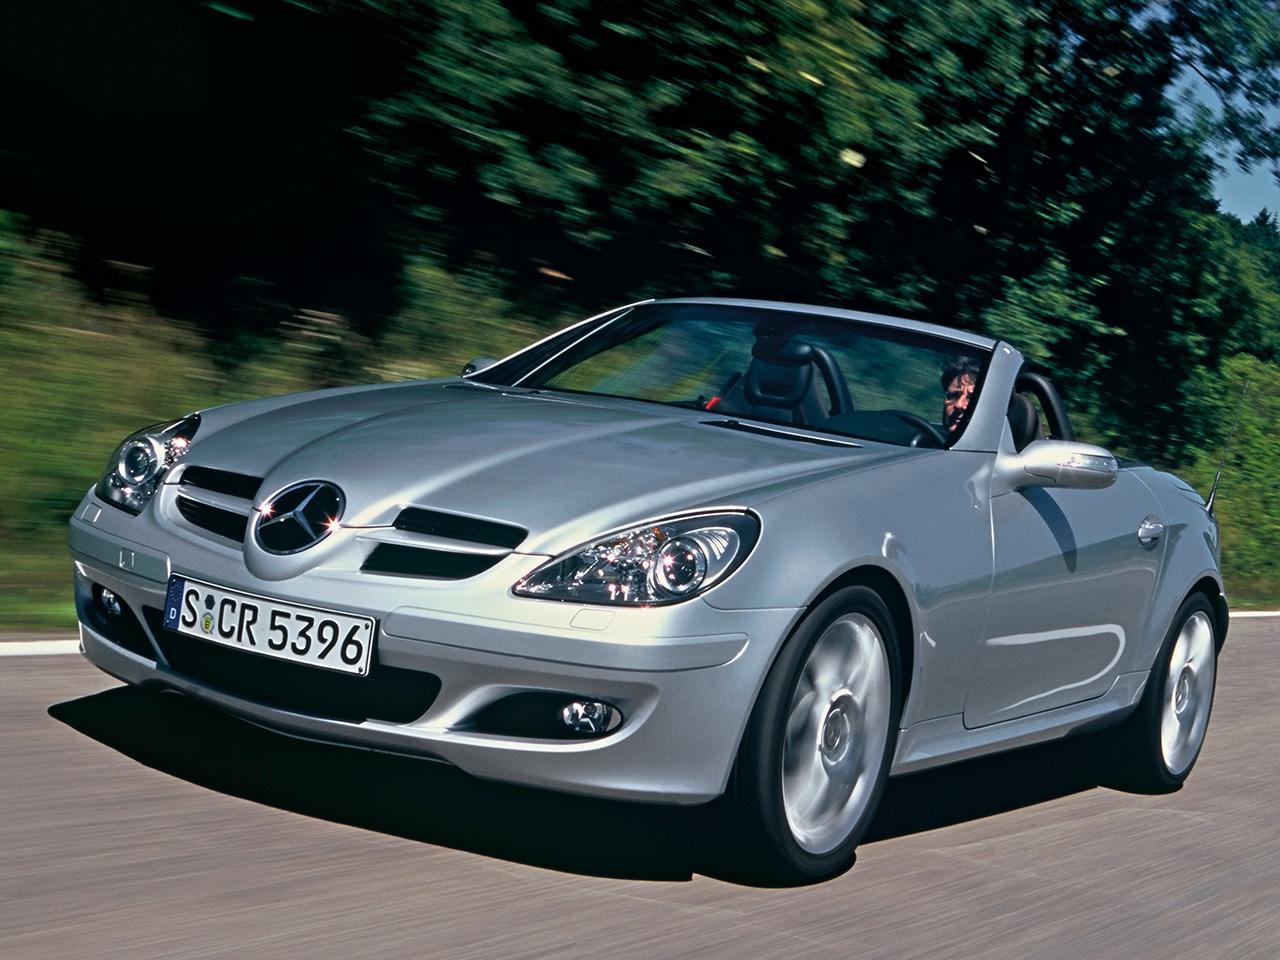 http://1.bp.blogspot.com/-H-lama6slBg/T9L-5iUC5HI/AAAAAAAAADI/l9djq2ClsXA/s1600/Mercedes-Benz-SLK-Class-2.jpg